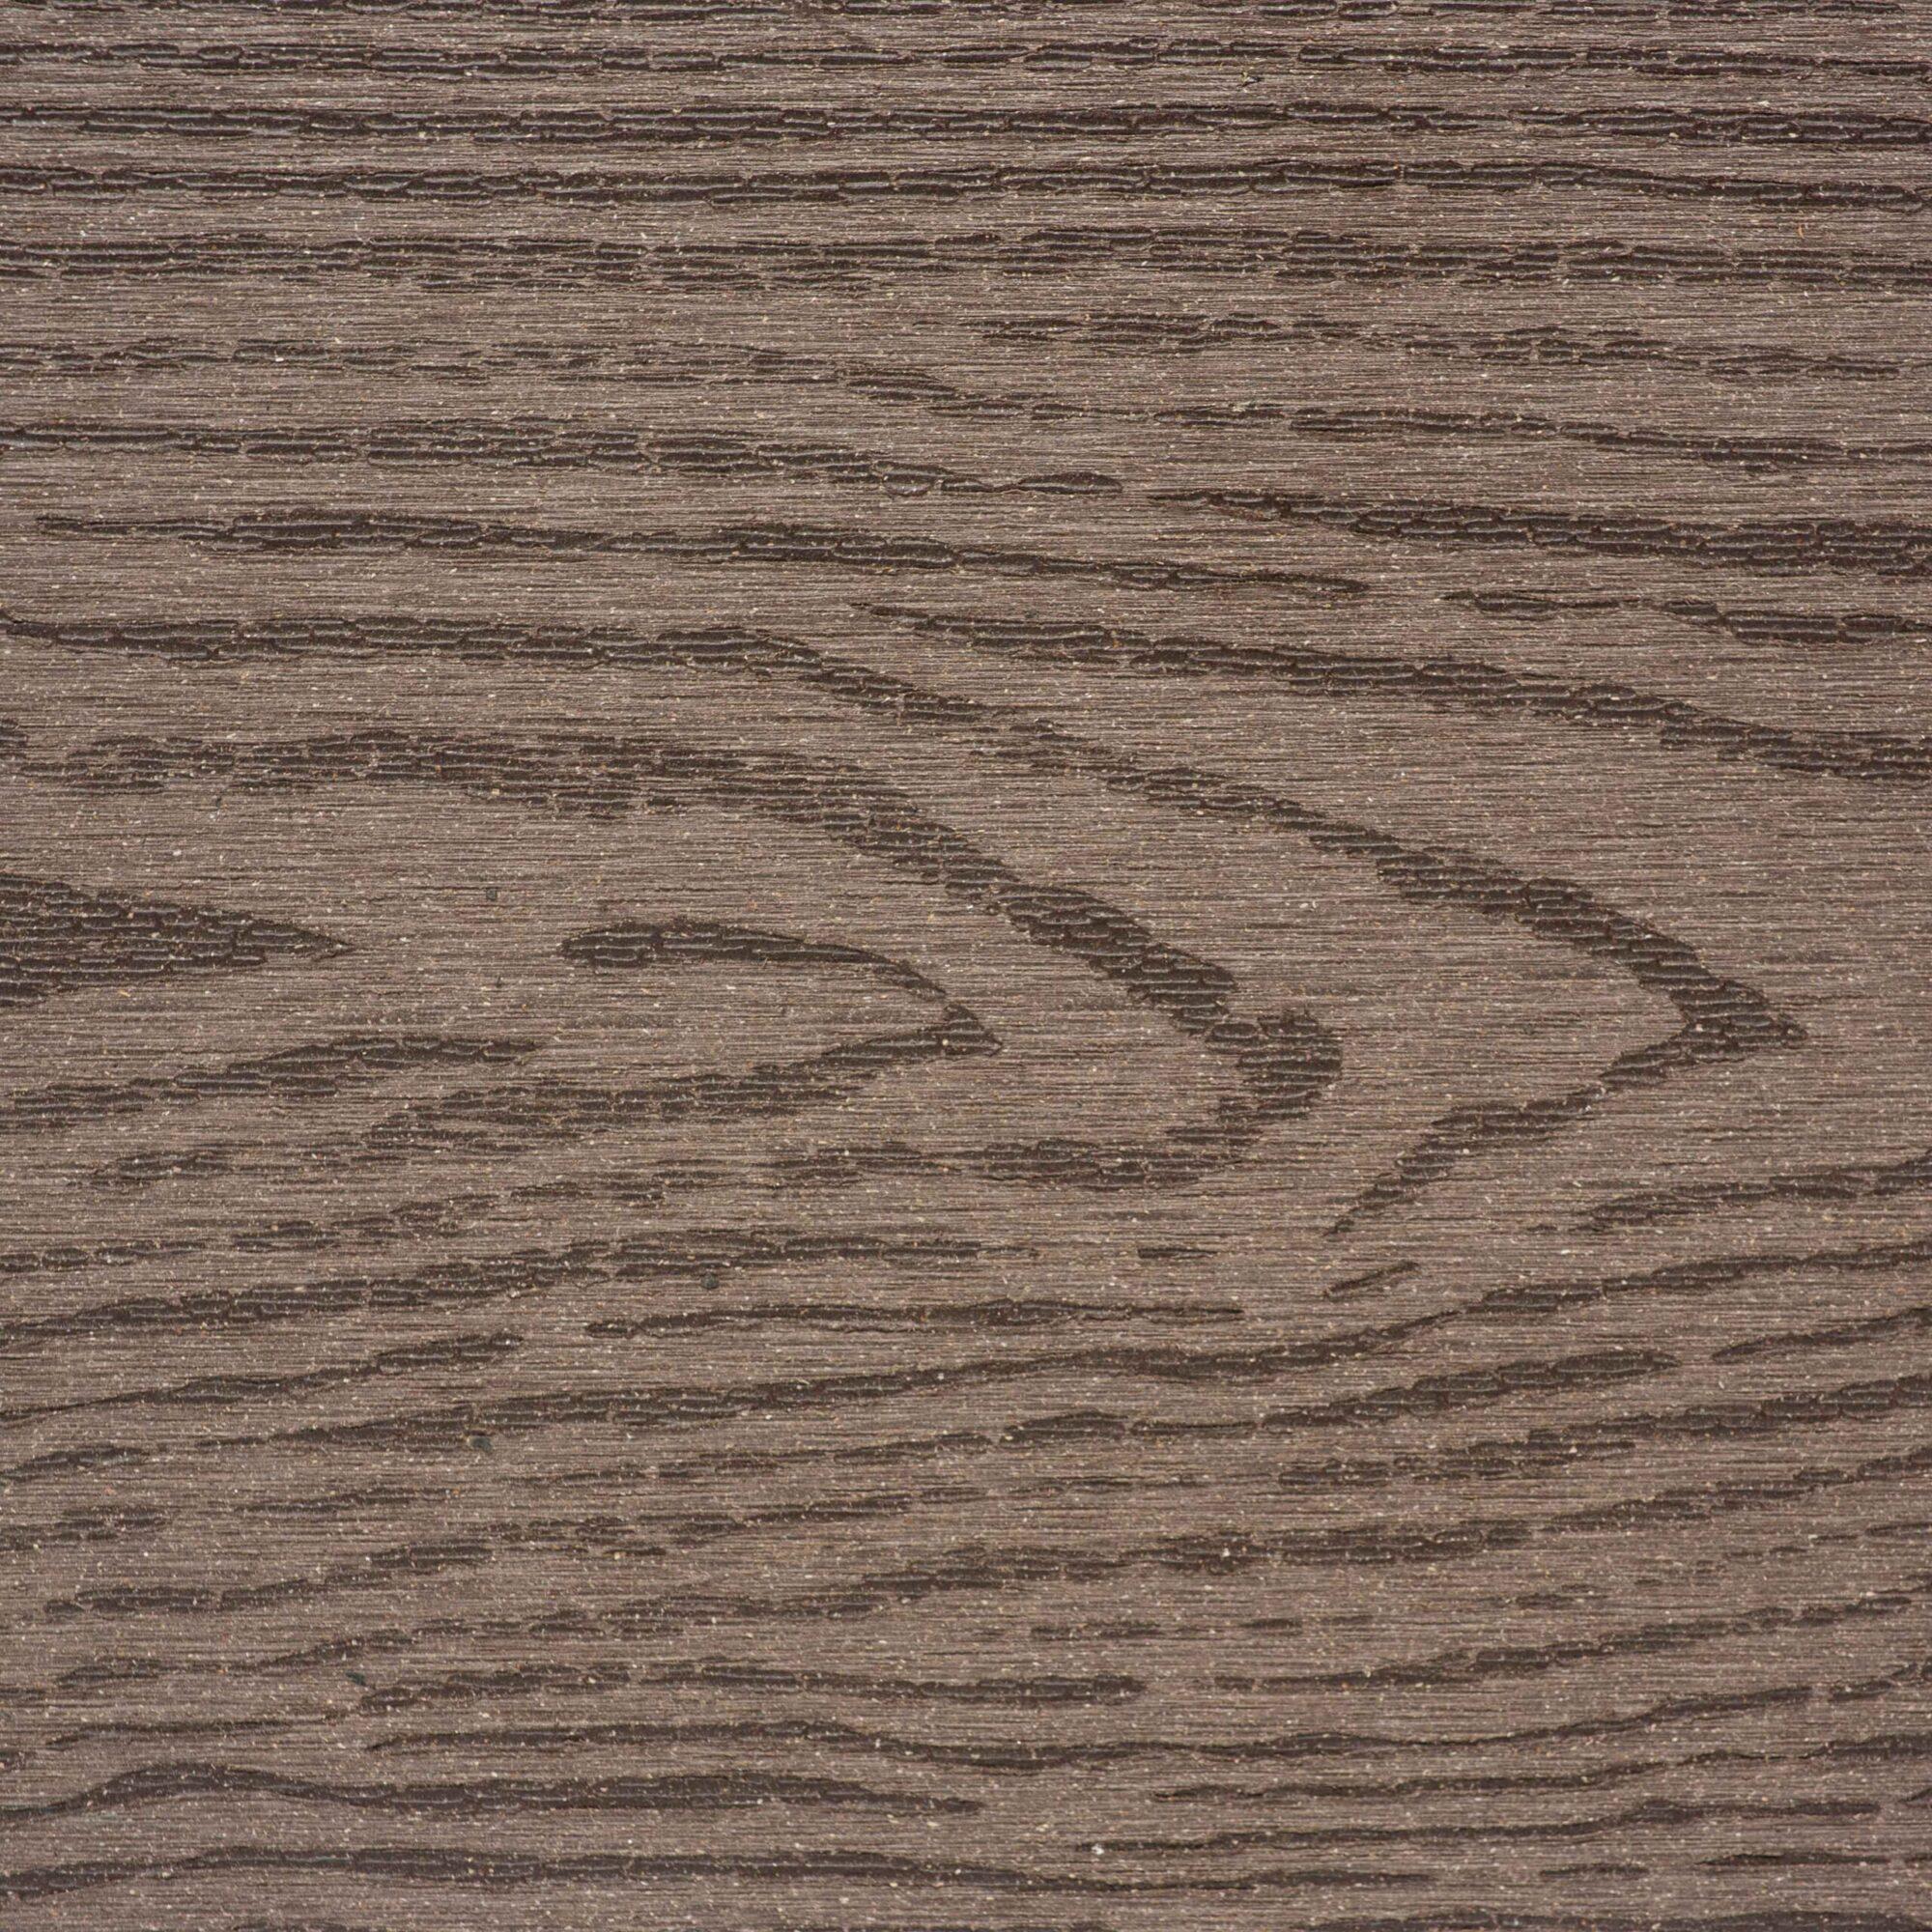 Design-Dark Coffee-Texture